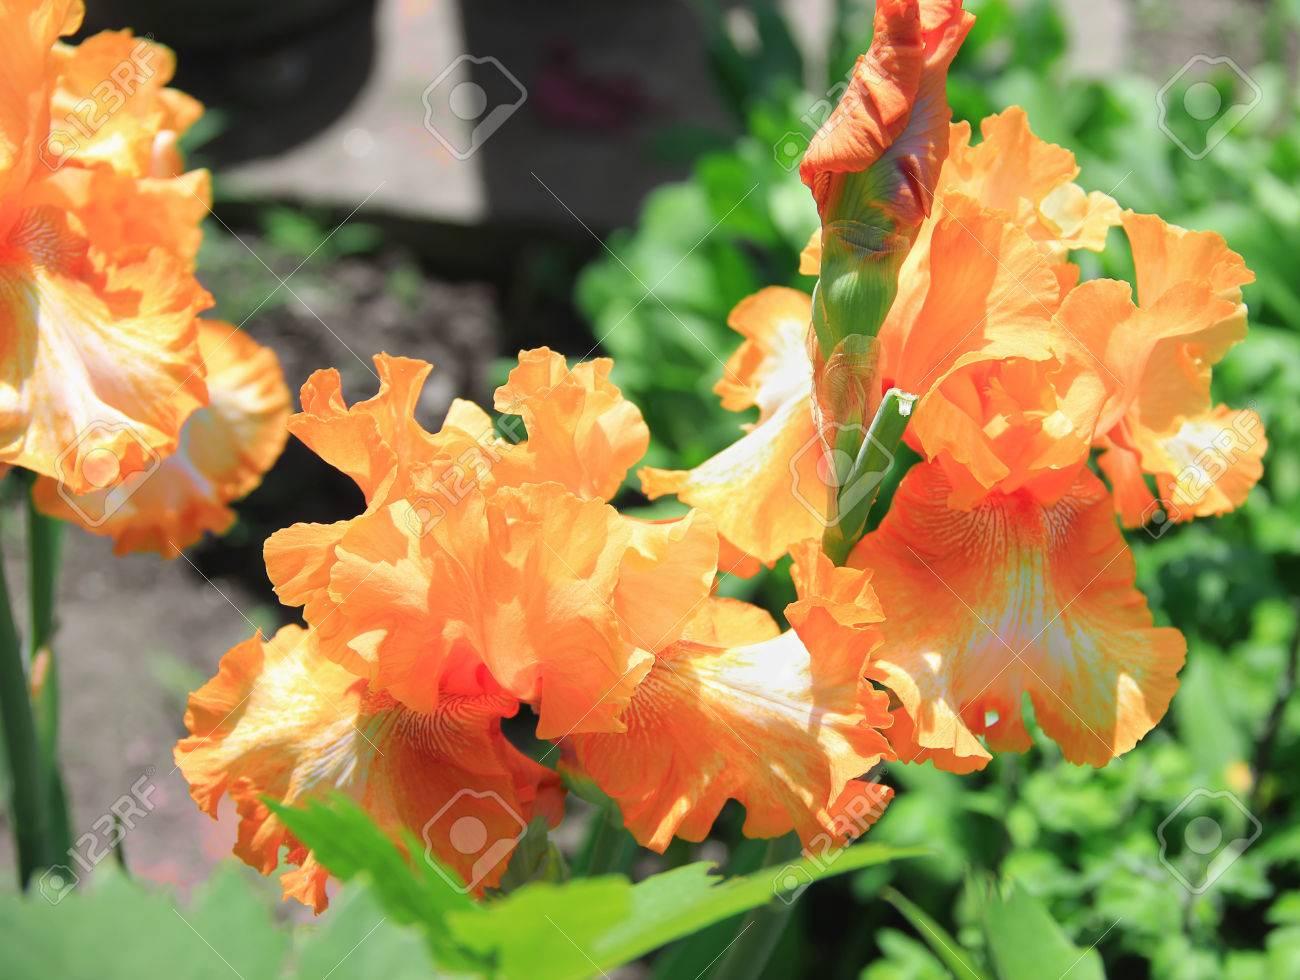 Iris yellow orange flower plant latin name iris outdoors stock iris yellow orange flower plant latin name iris outdoors full of bud mightylinksfo